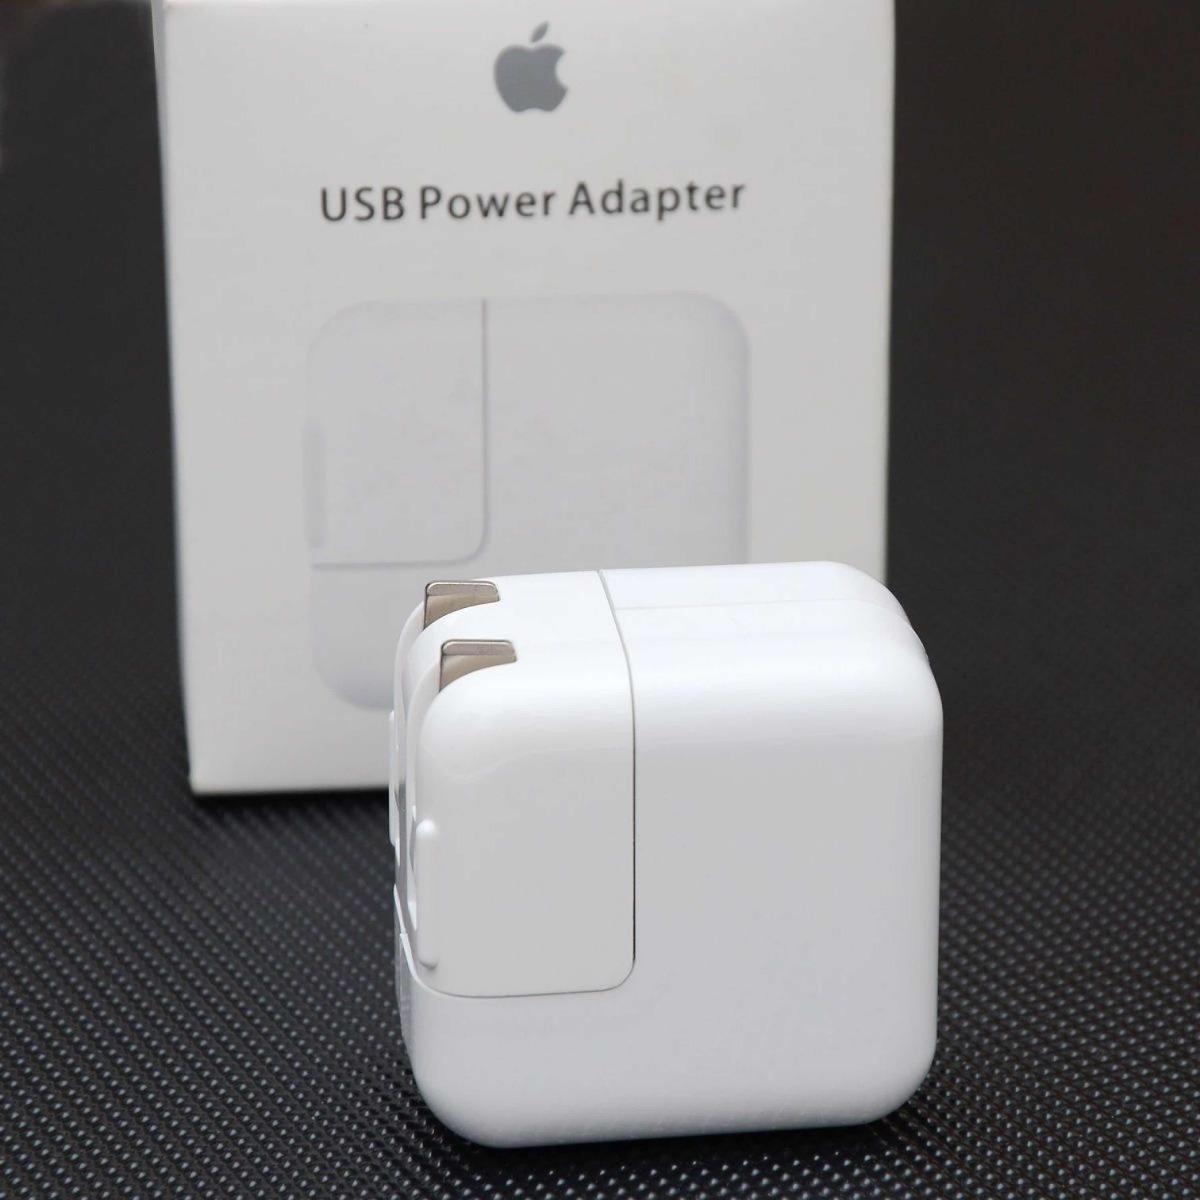 70b4b610123 cubo iphone adaptador de corriente usb 12w carga rápida ipad. Cargando zoom.